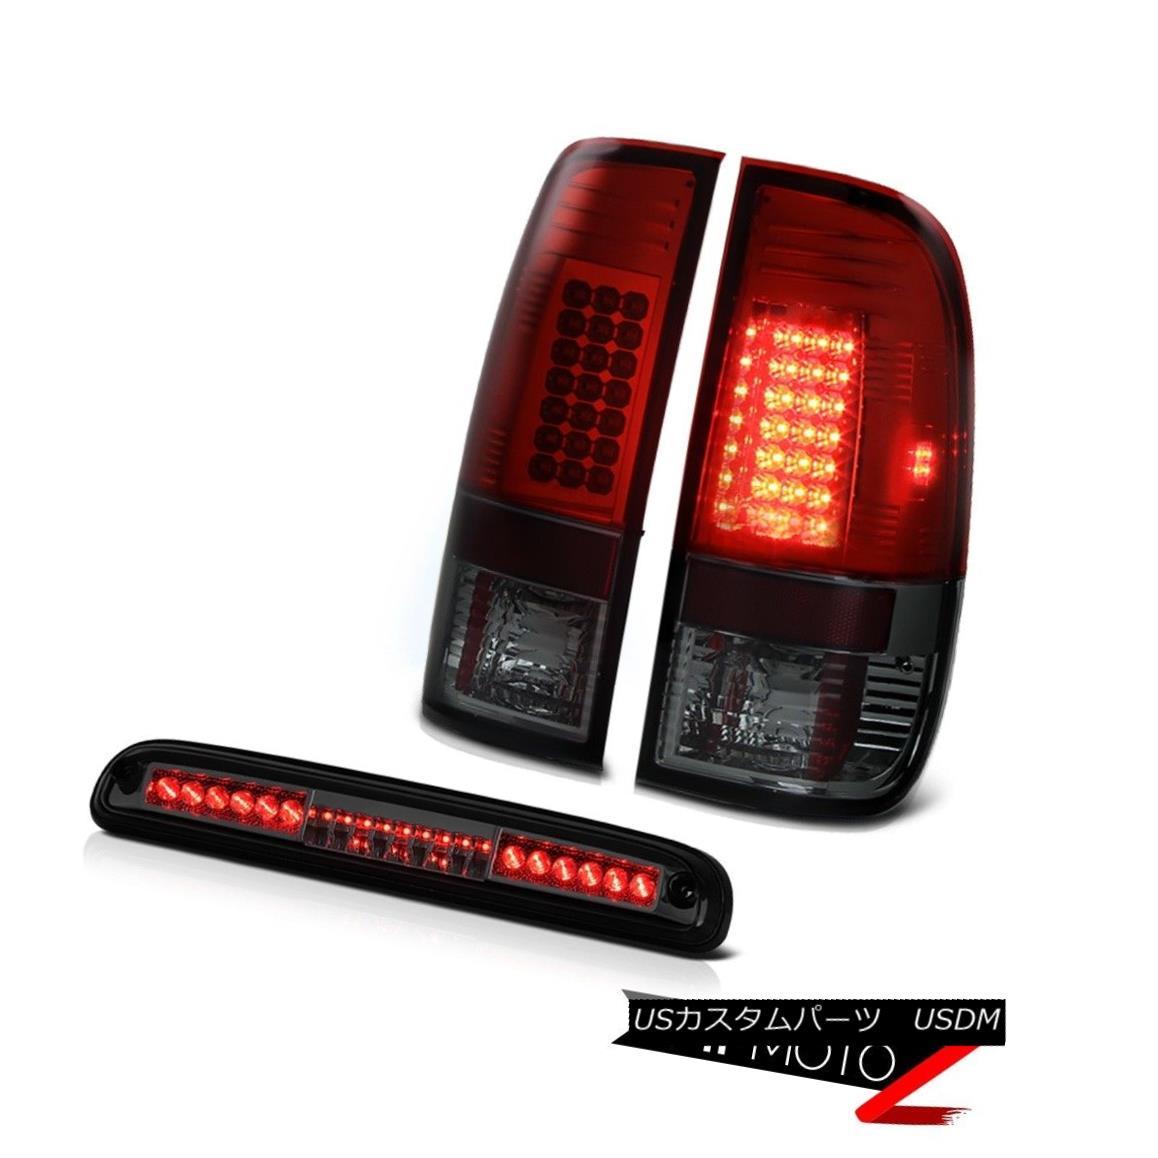 テールライト 1999-2004 F350 XLT Burgundy+Red Tail Light LED Roof Smoke 3rd Brake Light LH+RH 1999-2004 F350 XLTブルゴーニュ+レッドテールライトLEDルーフスモーク第3ブレーキライトLH + RH